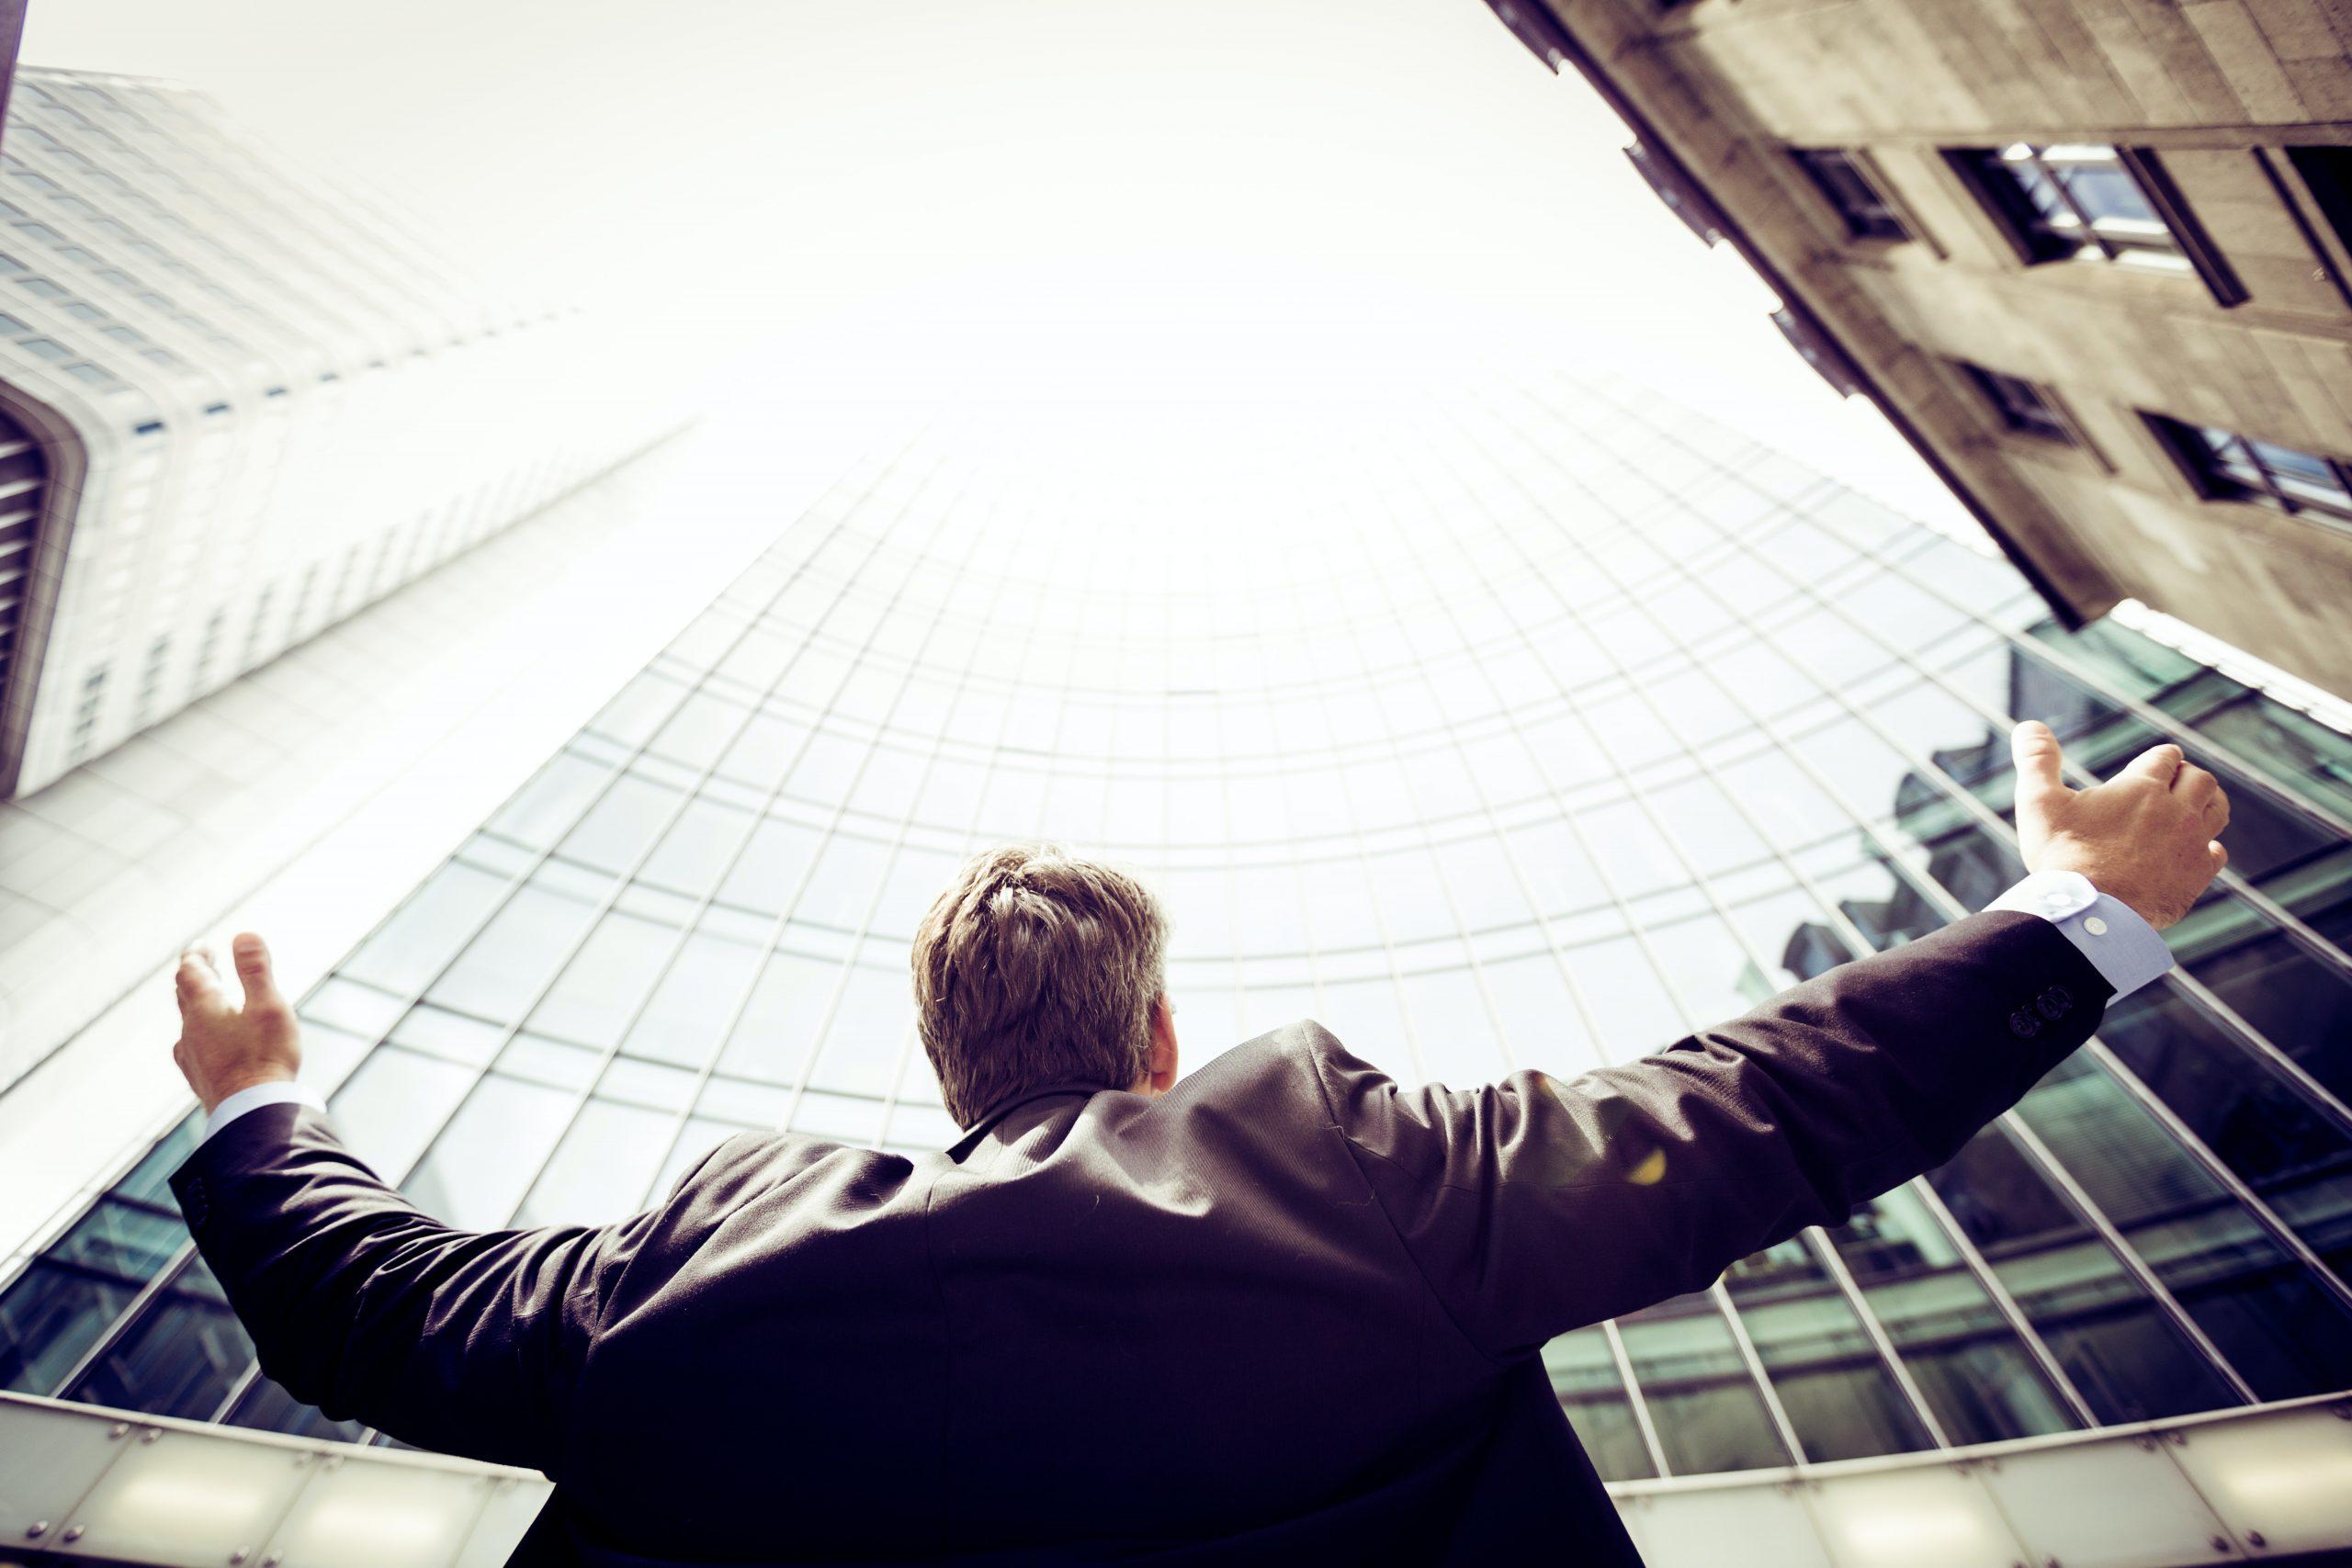 người đàn ông thành công dang tay nhìn lên trời.